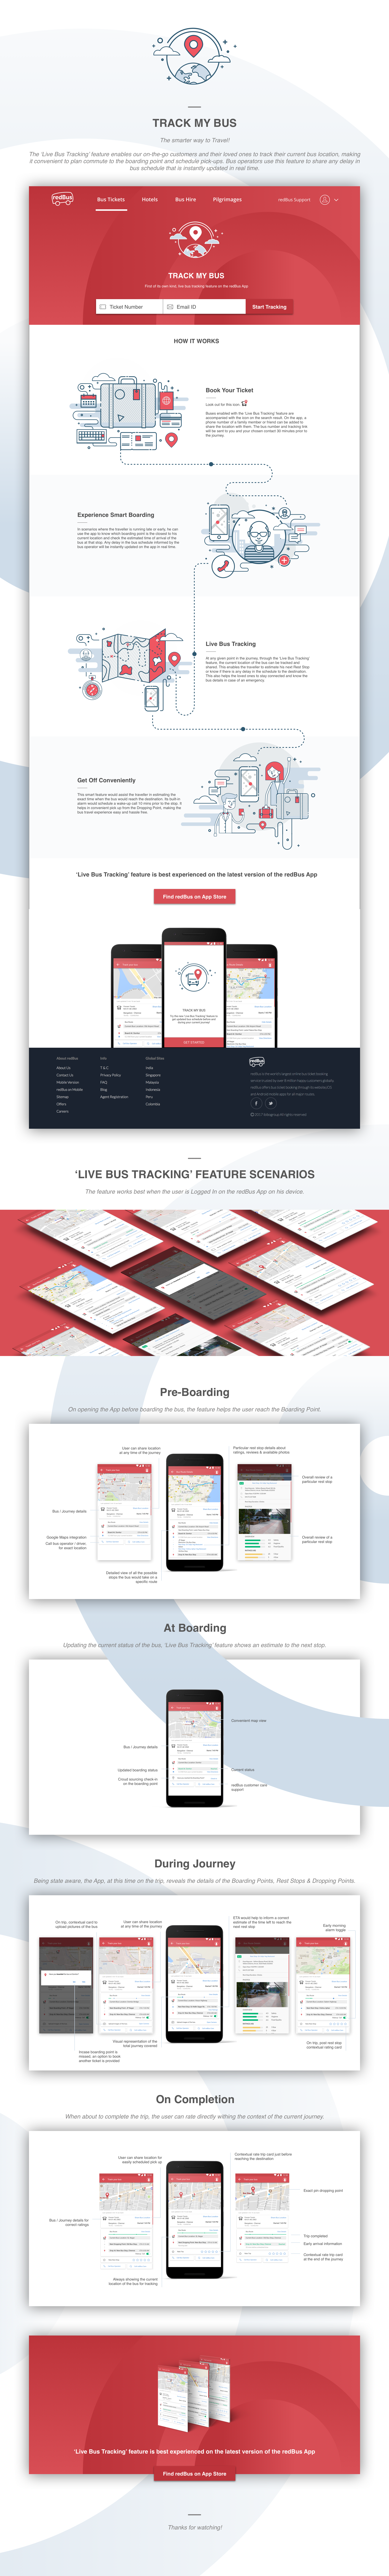 Ranganath Krishnamani On Behance With Images Web Design Mobile Web Design Web Design Inspiration